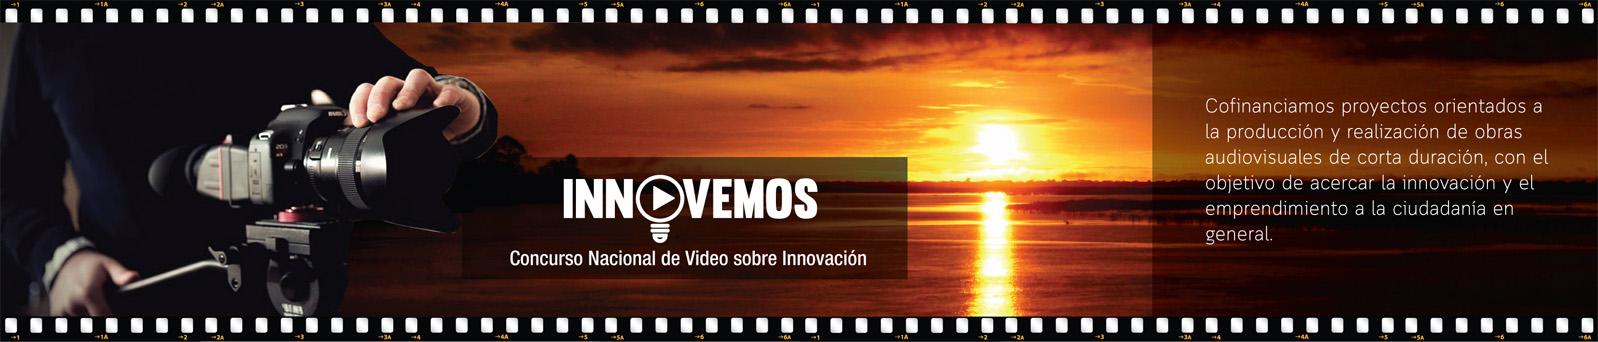 Concurso nacional de video sobre innovación - InnoVemos